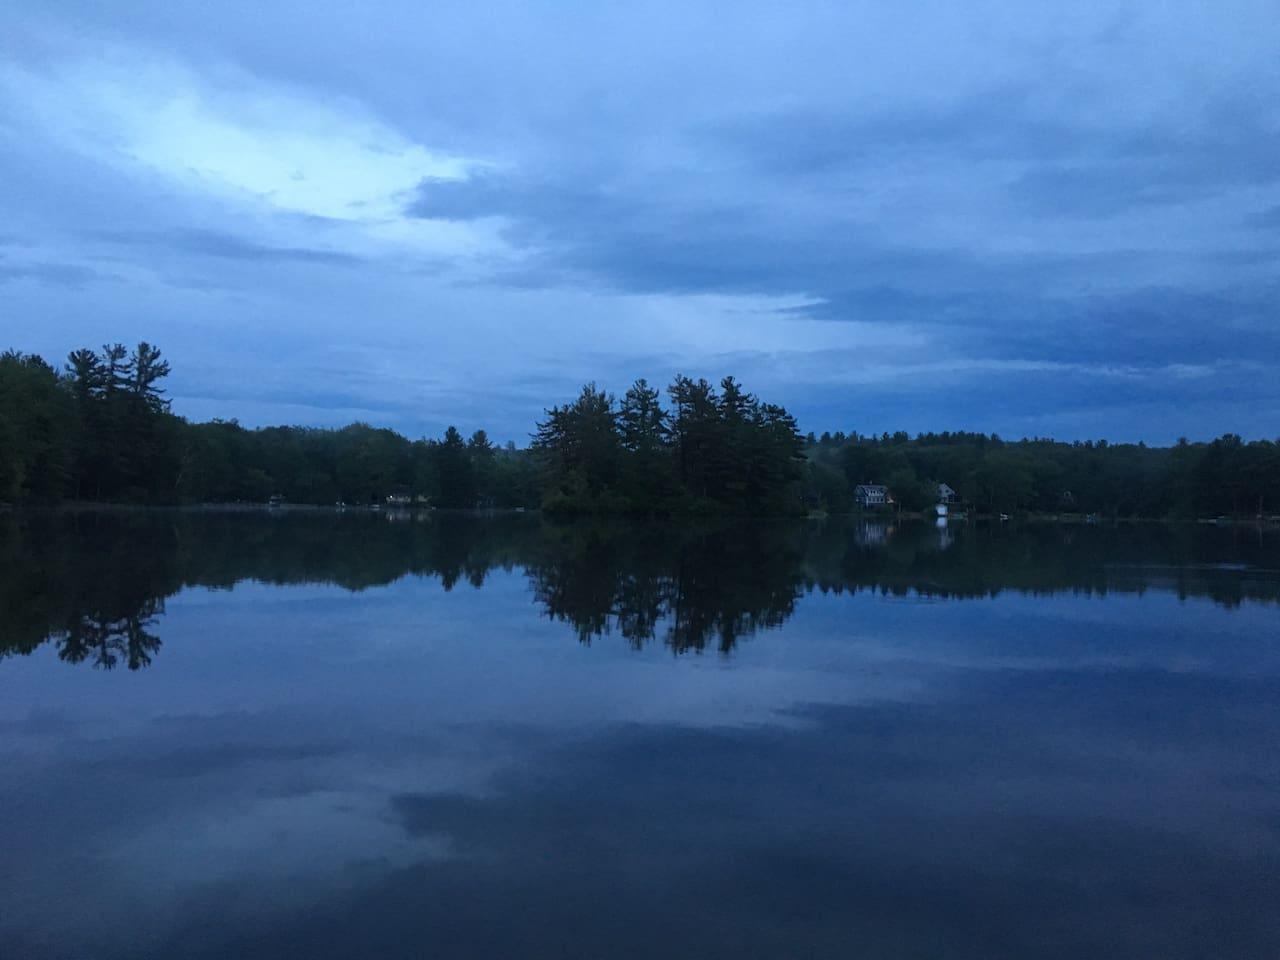 View of Lake at dusk